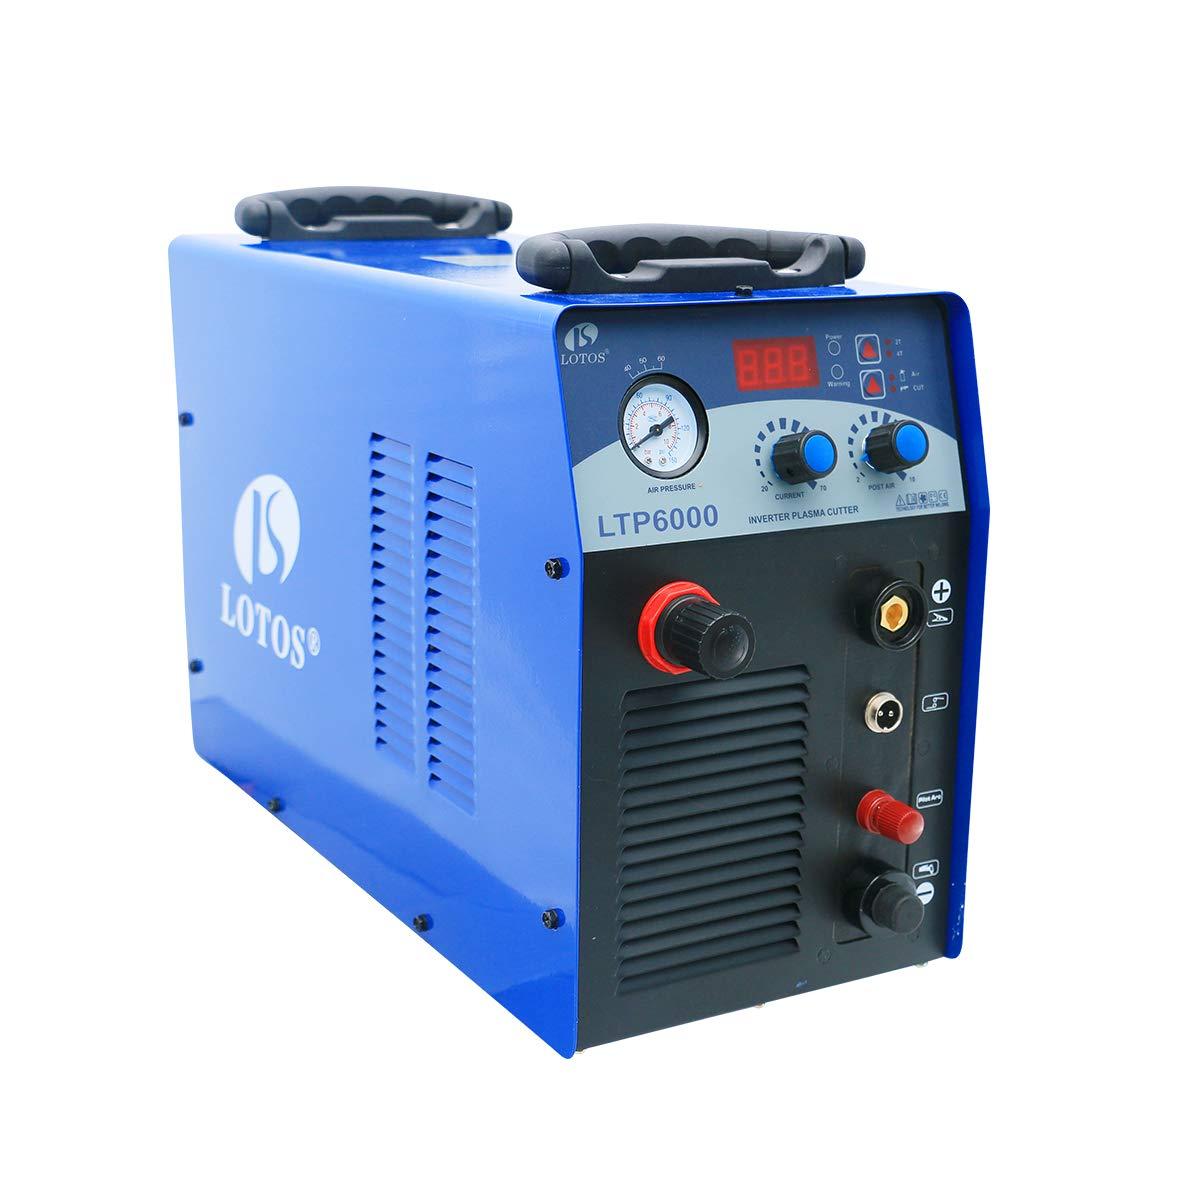 26 Pcs TIPS Consumables For Lotos FIT Plasma Cutter LTP5000D LTP6000 LTPDC2000D